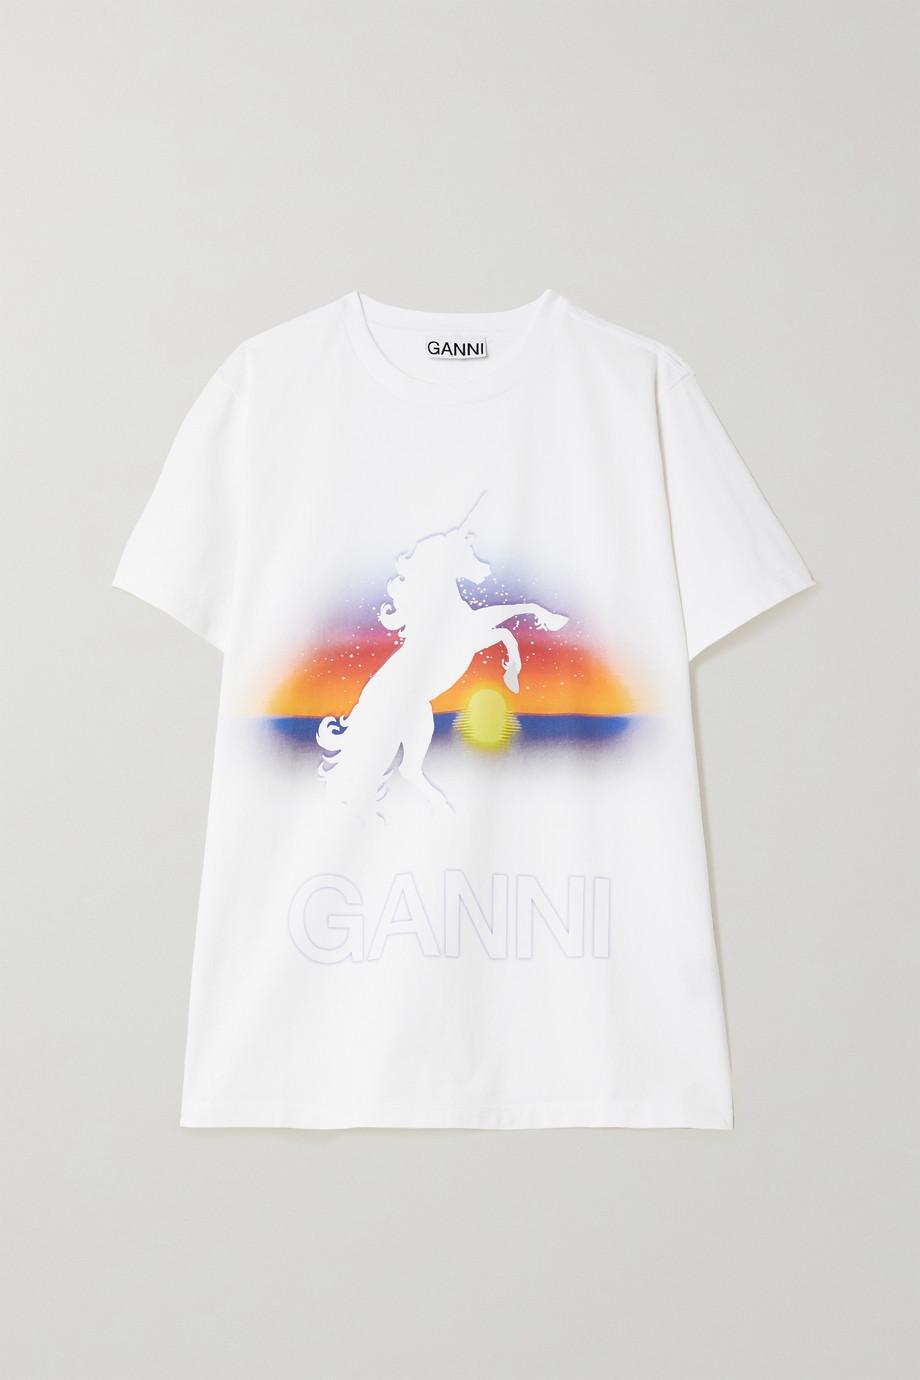 GANNI T-shirt en jersey de coton biologique imprimé